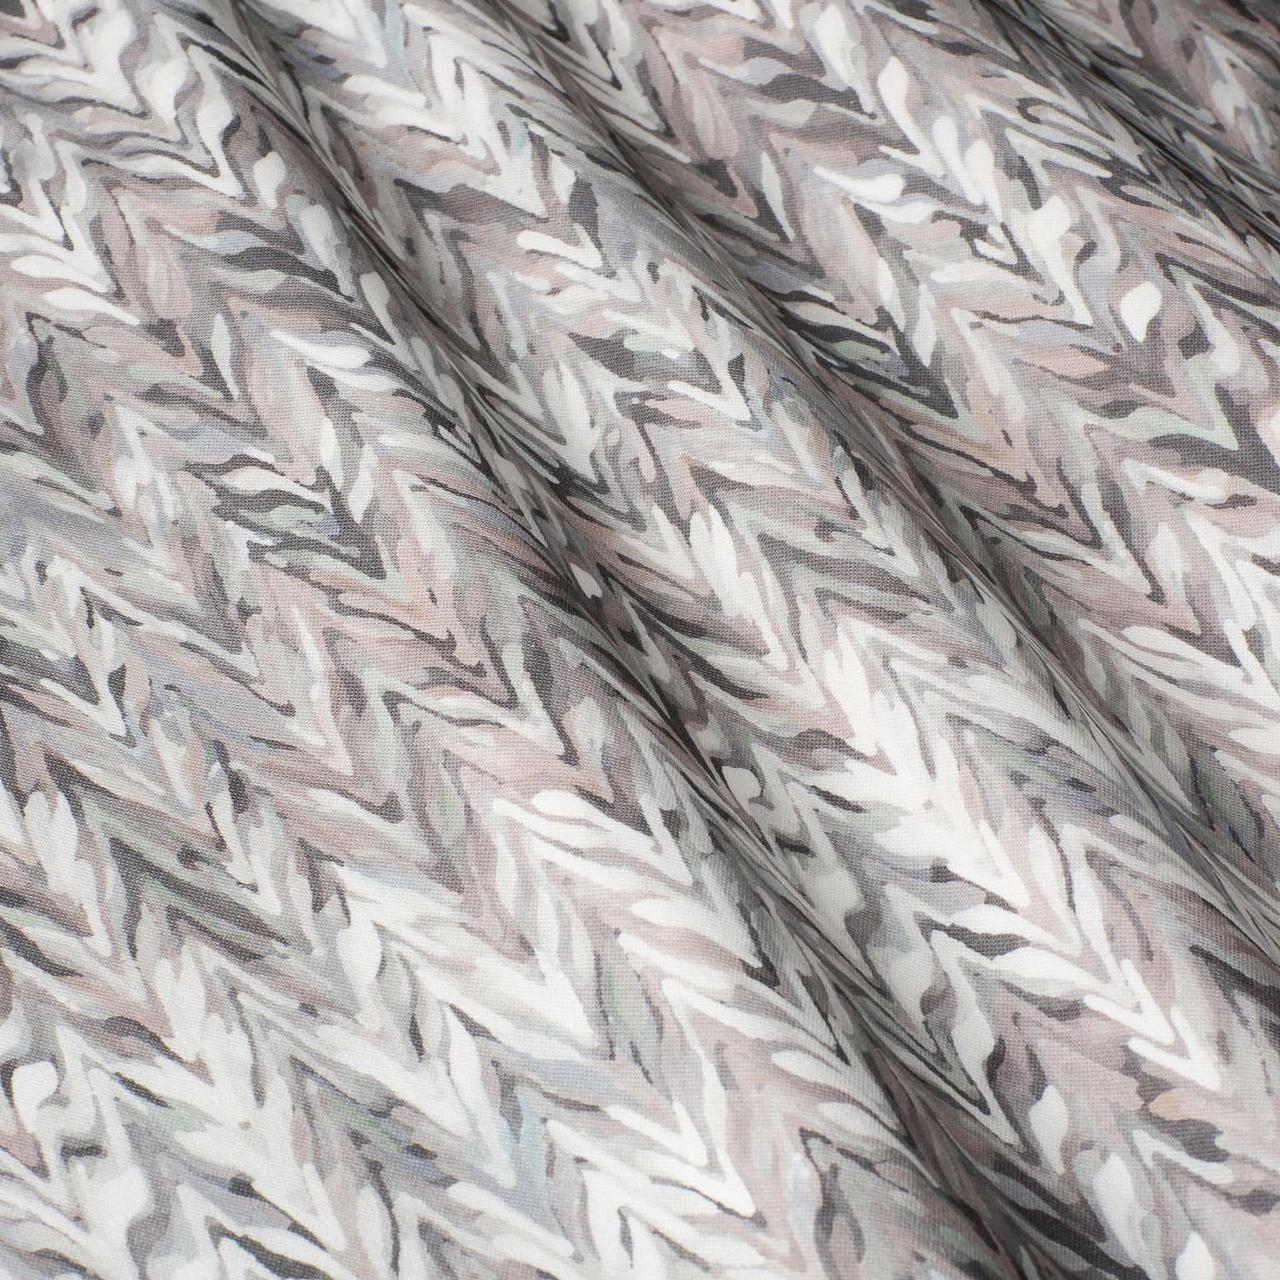 Декоративні тканини з сірим абстрактним візерунком 84293v2